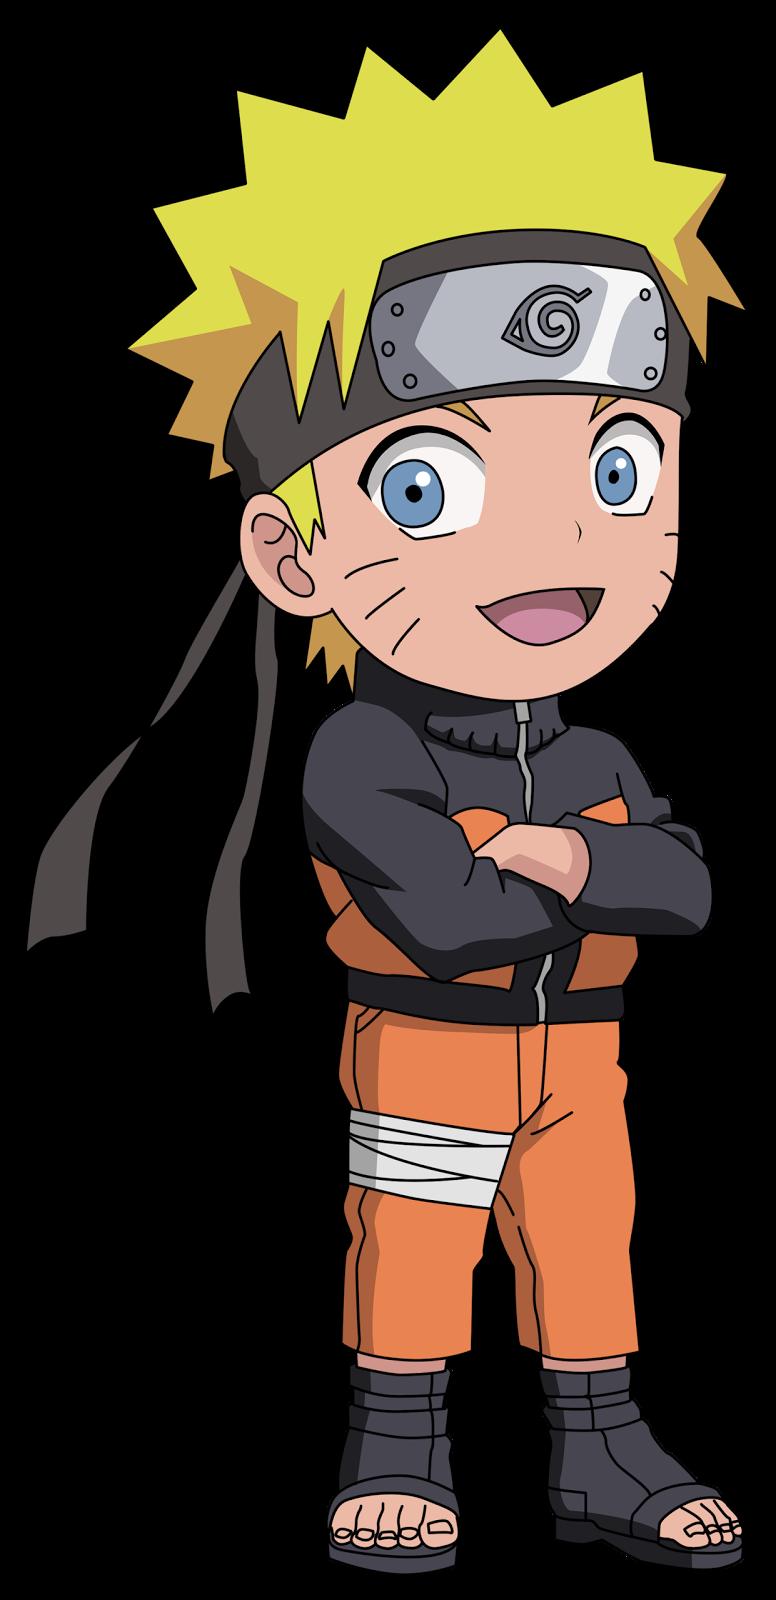 Gambar Lucu Kartun Naruto